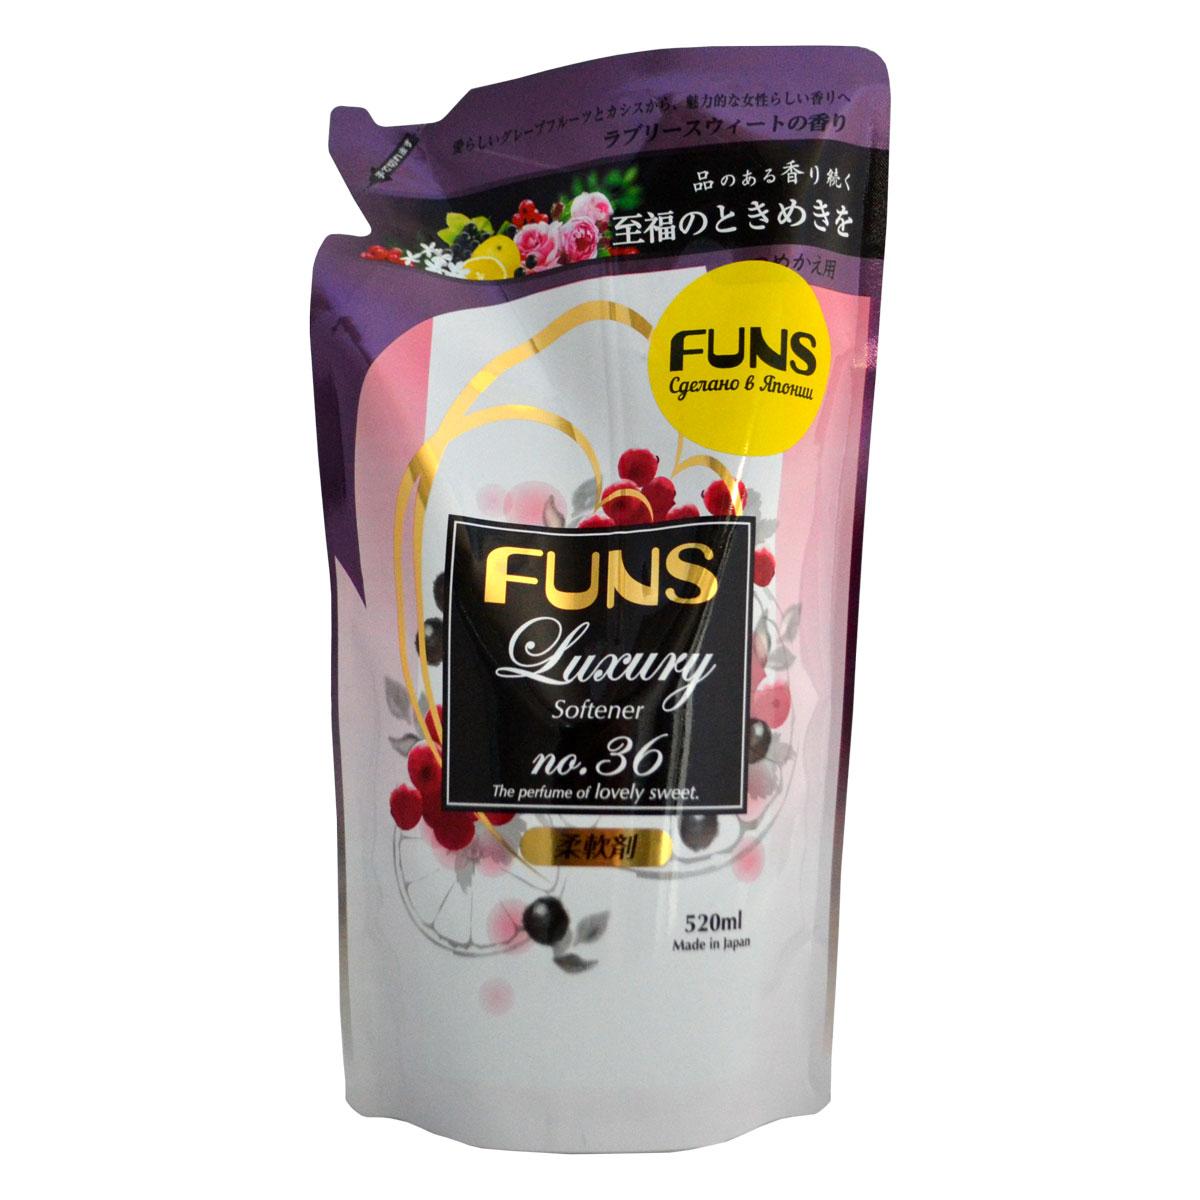 Кондиционер парфюмированный для белья Funs, с ароматом грейпфрута и черной смородины, 520 мл10292Сильноконцентрированный кондиционер для белья Funs придаст вашим вещам мягкость и сделает их приятными наощупь.Подходит для хлопчатобумажных, шерстяных, льняных и синтетических тканей, а также любых деликатных тканей (шелка и шерсти).Кондиционер предотвращает появление статического электричества, а также облегчает глажку белья.Обладает приятным ароматом, который сохраняется на долгое время, даже после сушки белья.Благодаря противомикробному и дезодорирующему действию кондиционер устраняет бактерии, способствующие появлению неприятного запаха.Кондиционер безопасен при контакте с кожей человека, не сушит и не раздражает кожу рук во время стирки.Подходит как для ручной, так и машинной стирки.Норма использования:Вес белья Объем воды Объем кондиционера6.0 кг 65 л 40 мл4.5 кг 60 л 30 мл3.0 кг 45 л 20 мл1.5 кг 30 л 10 млРучная стирка вес белья 0.5 кг 3.3 млСпособ применения: применяйте кондиционер только после стирки белья при полоскании чистой водой. На 1 кг одежды используйте 7 мл средства.При ручной стирке рекомендуется полоскать в течение 3 минут.